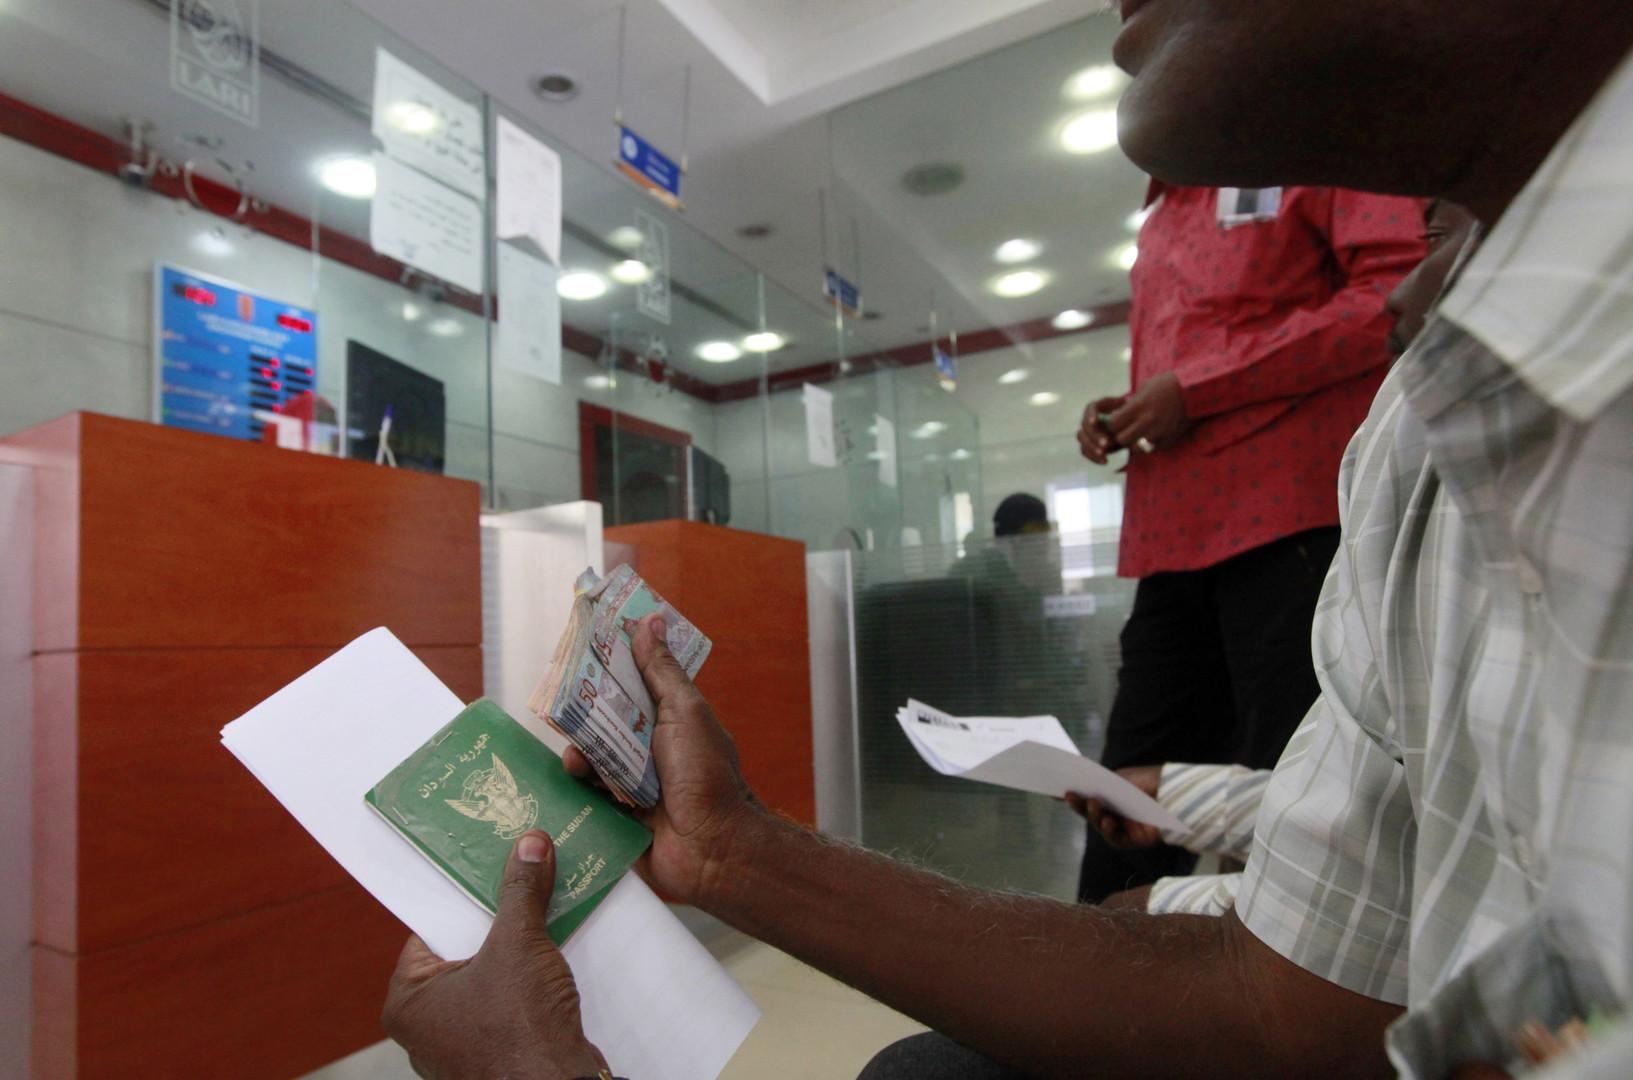 السودان يراجع قرارات التجنيس واتهامات لشقيق البشير ببيع الجنسيات